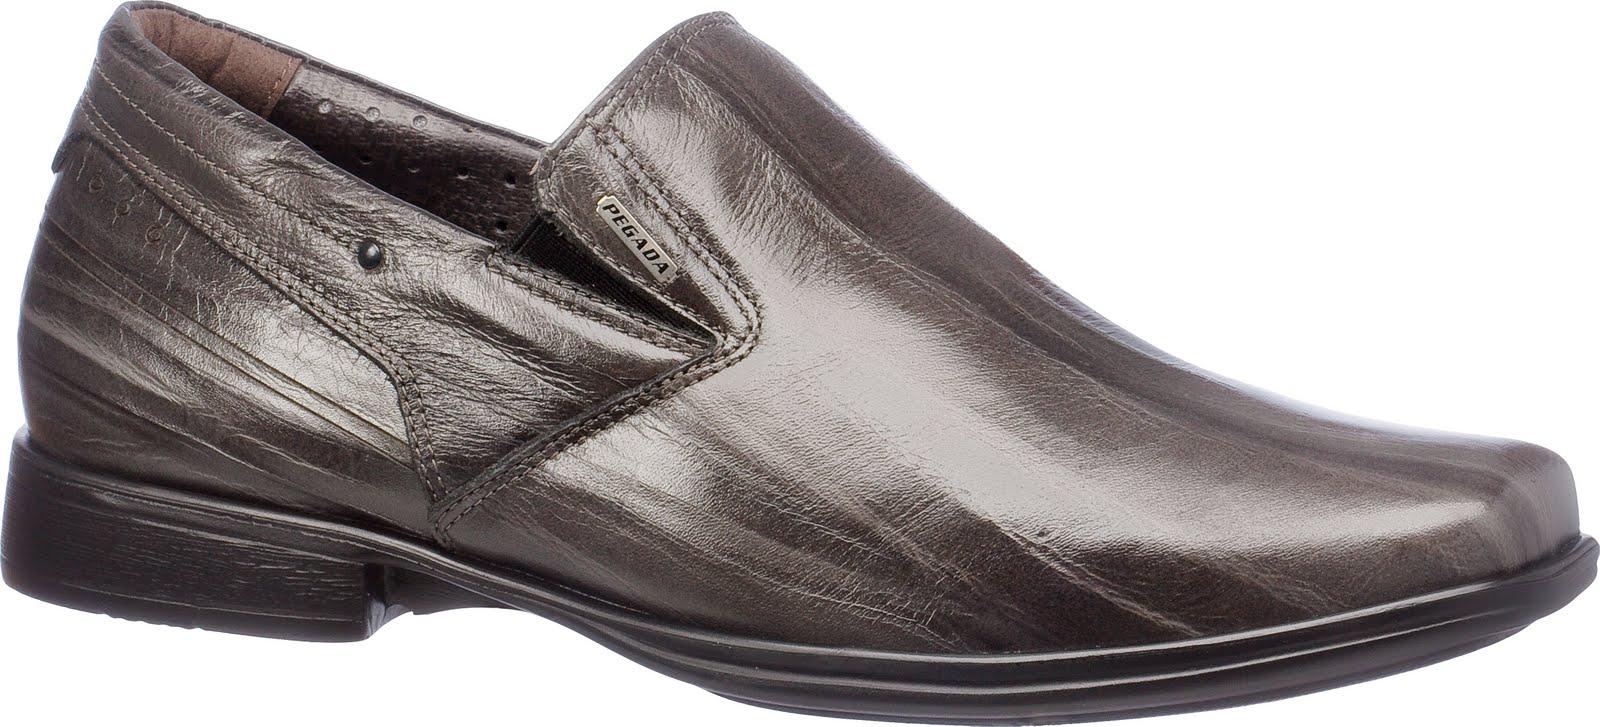 Coleção calçados pegada masculino 2015